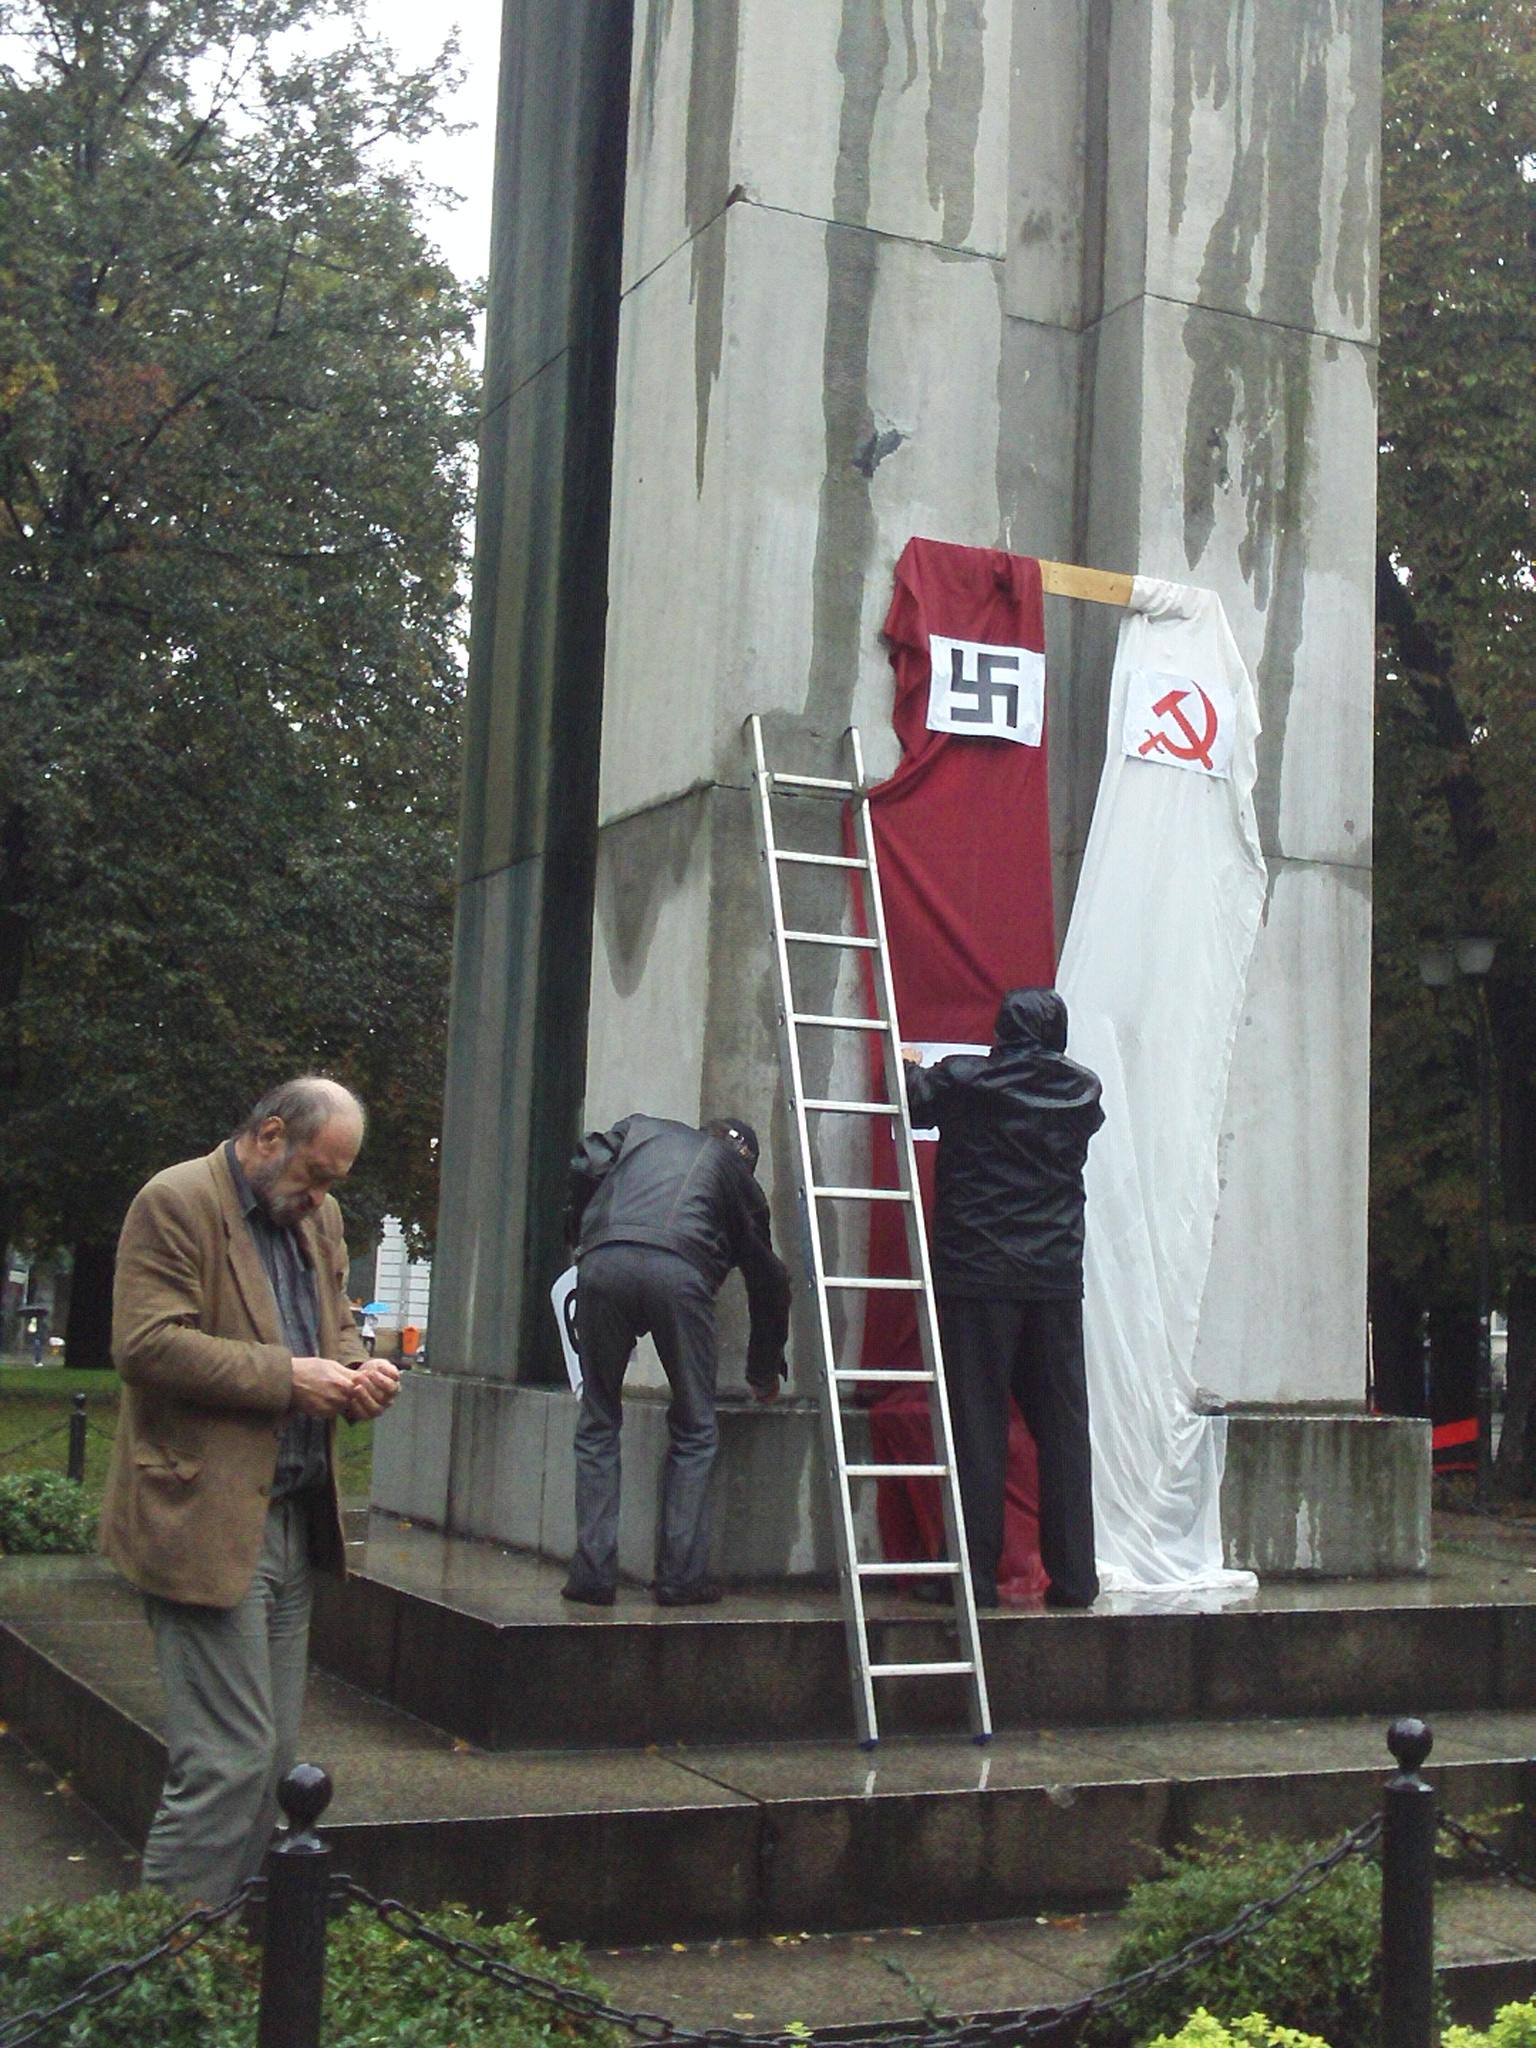 WOLNY CZYN: Rocznica 17 września w Katowicach